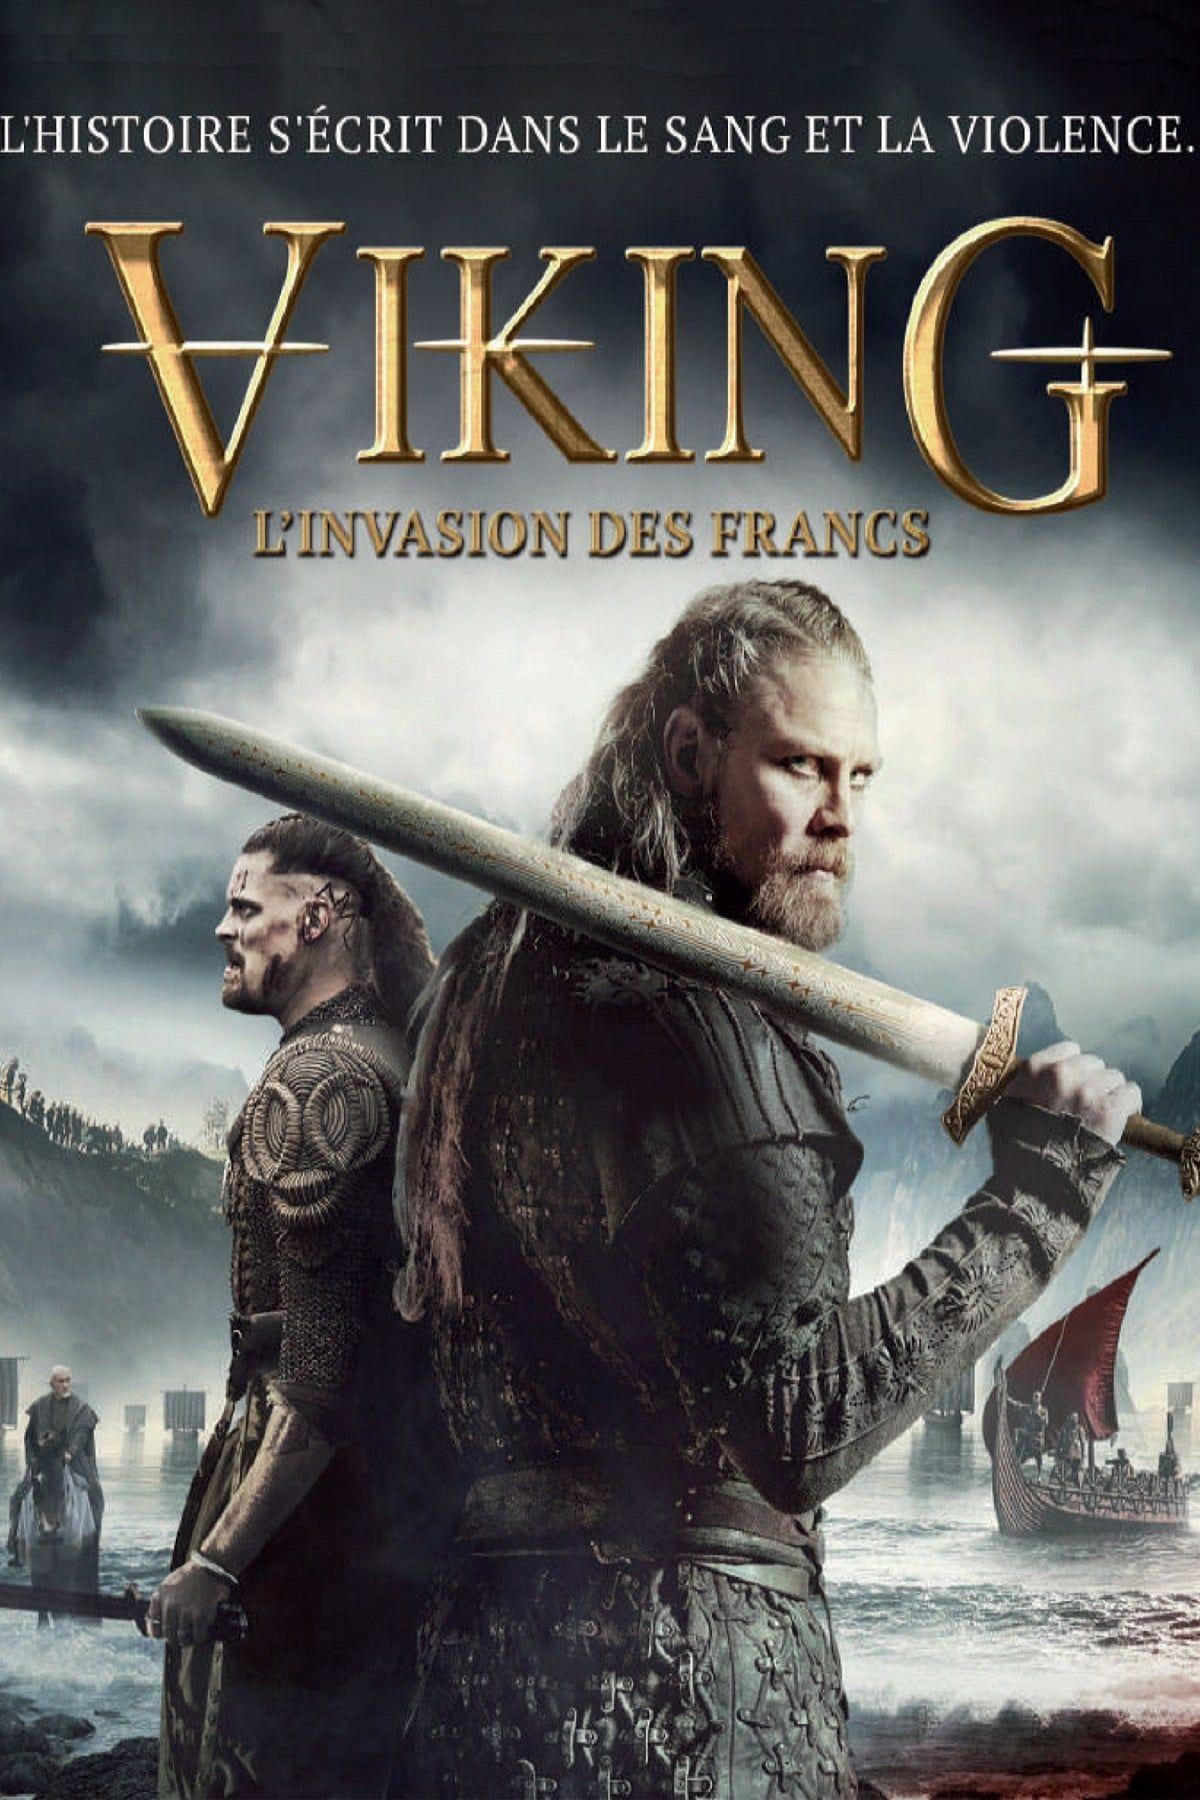 Après plus de 1 000 ans de modernité, retrouvez les traces de l'épopée des vikings dans l'europe d'aujourd'hui ! Viking L Invasion Des Francs Film 2018 Senscritique